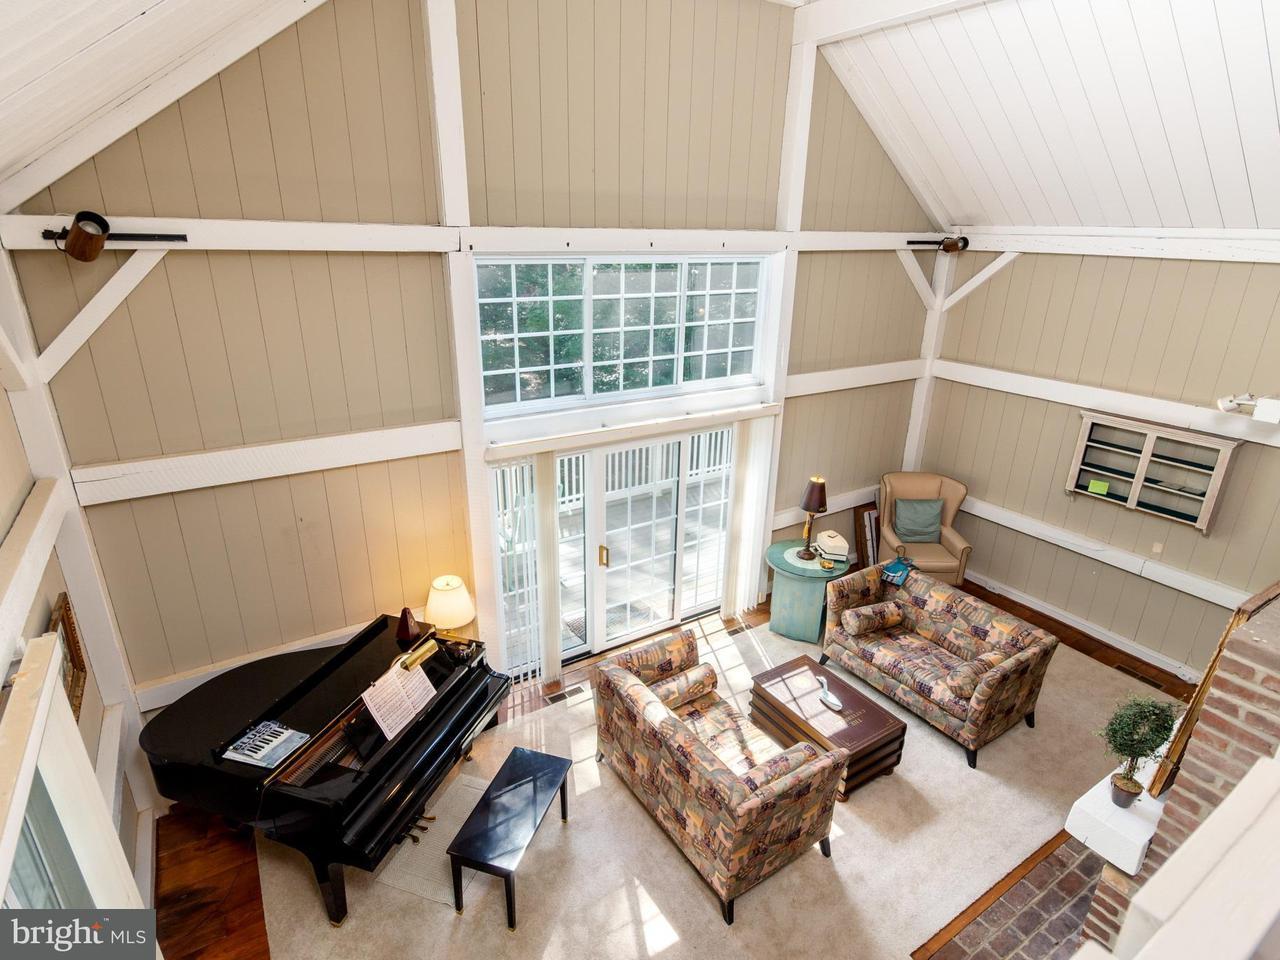 Μονοκατοικία για την Πώληση στο 151 GLEN OBAN Drive 151 GLEN OBAN Drive Arnold, Μεριλαντ 21012 Ηνωμενεσ Πολιτειεσ